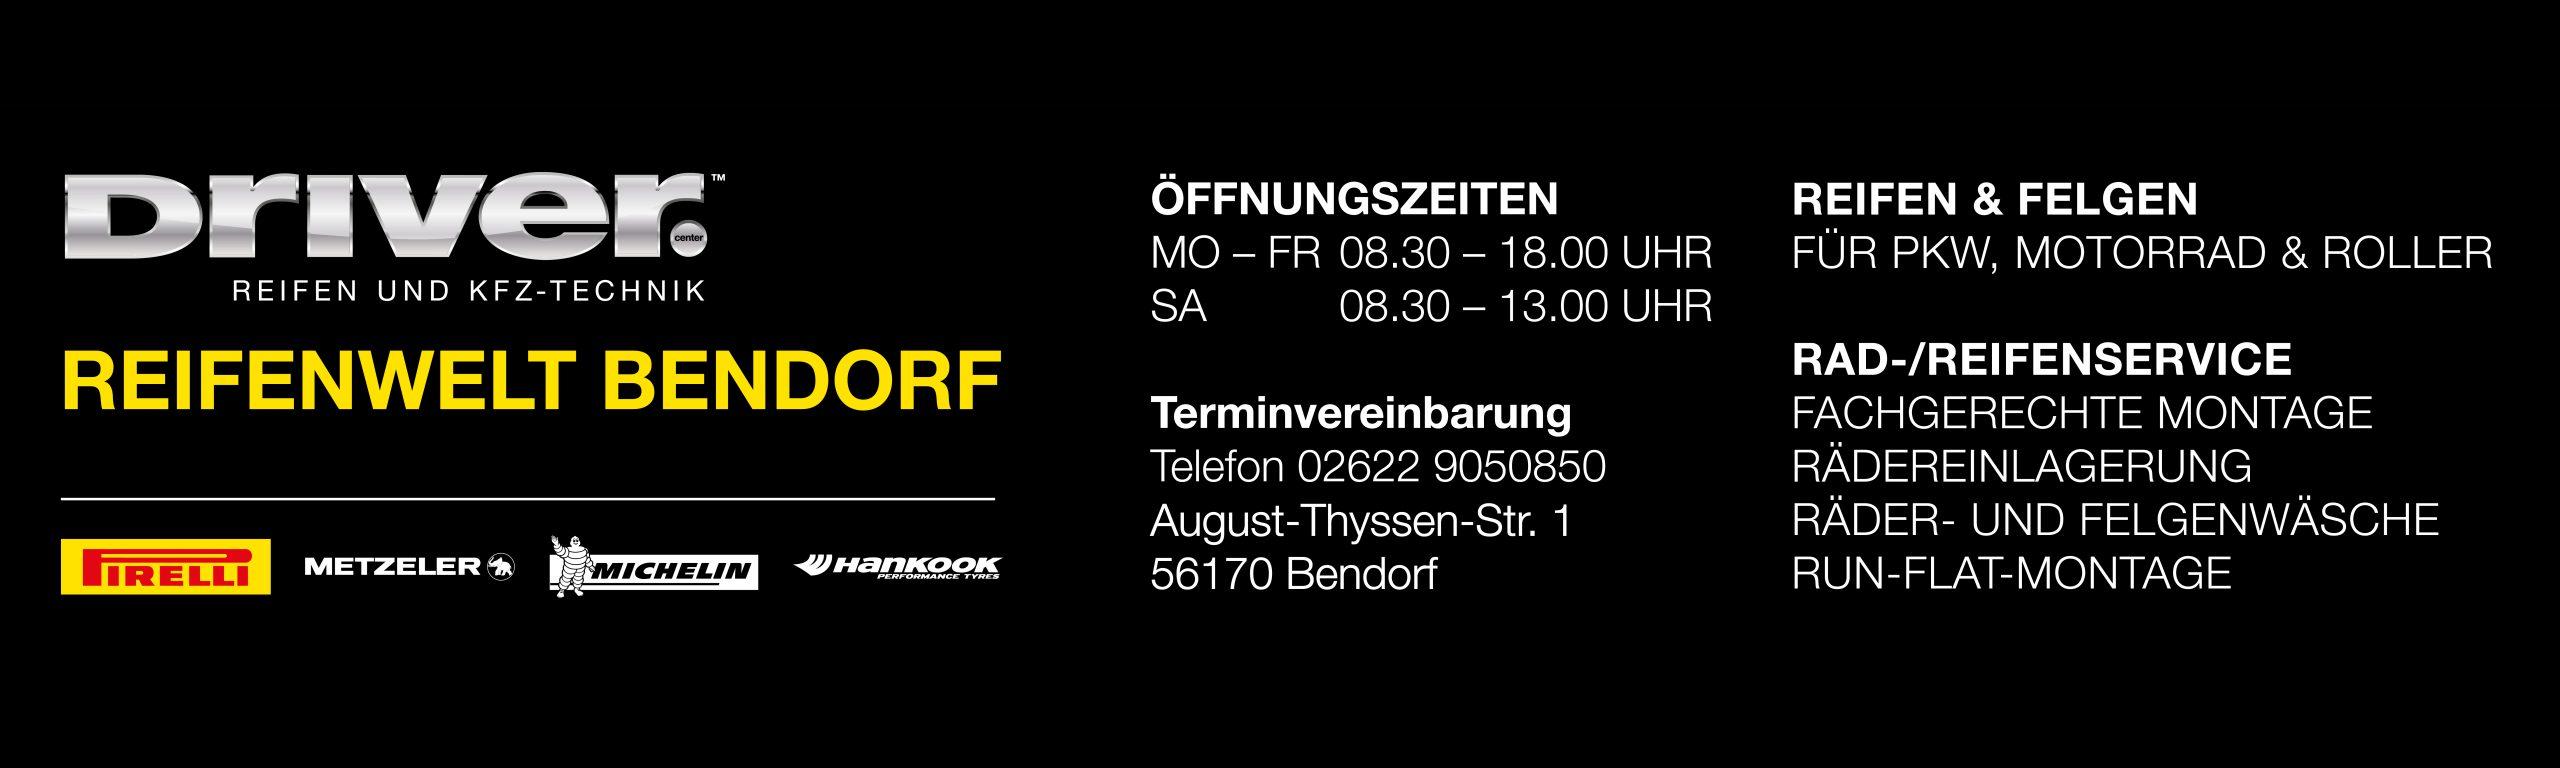 Reifenwelt_Bendorf